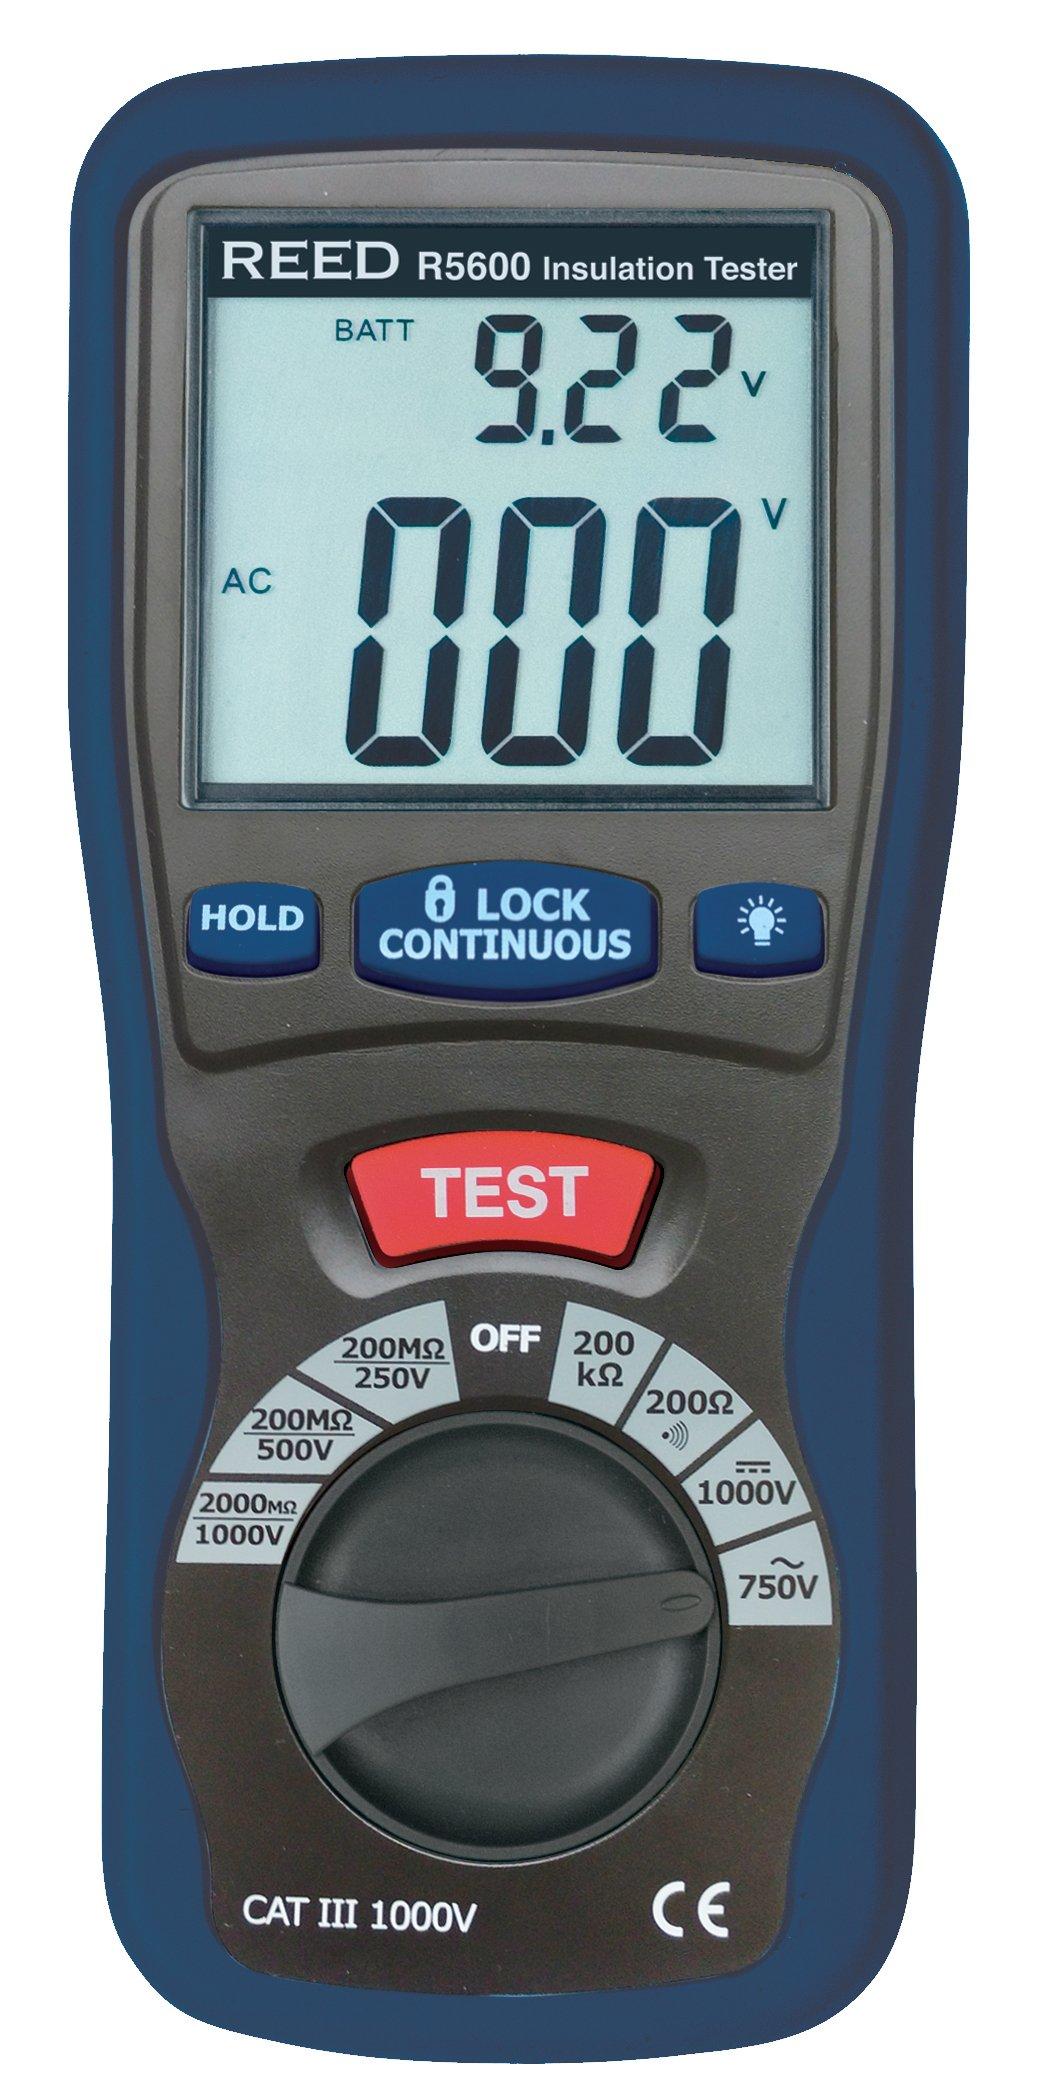 REED Instruments R5600 Insulation Tester and Multimeter (Megohmmeter), 2000 Ohms Resistance, 1000V Voltage by REED Instruments